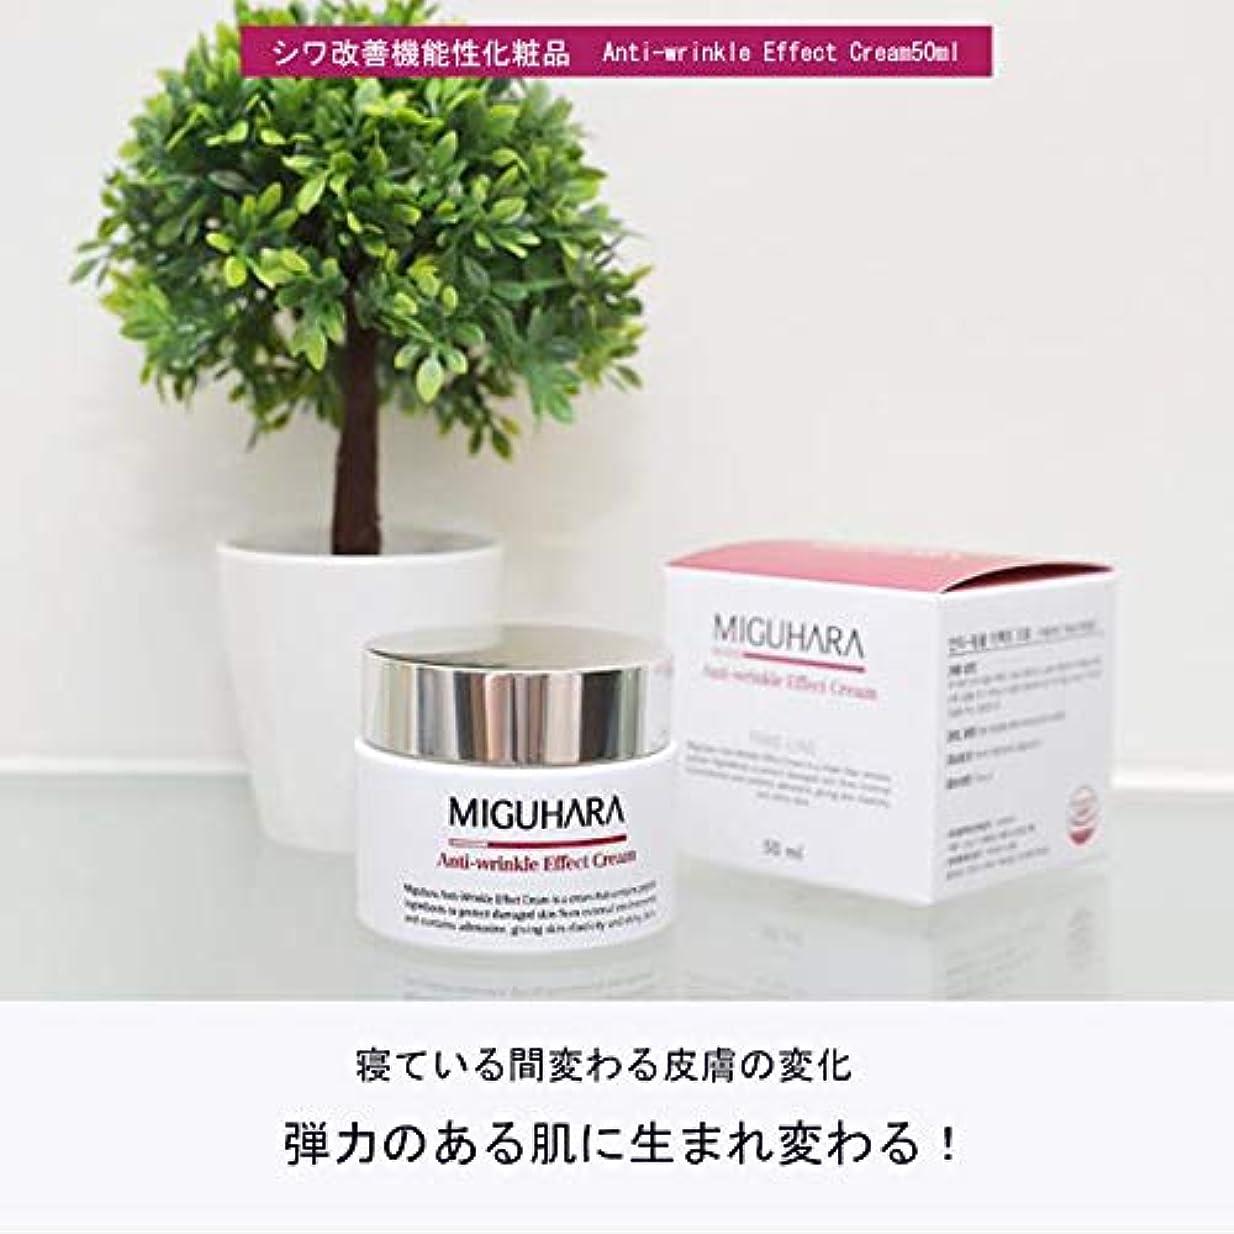 シンカン脱獄気難しいMIGUHARA アンチ-リンクルエフェクトクリーム 50ml / Anti-wrinkle Effect Cream 50ml